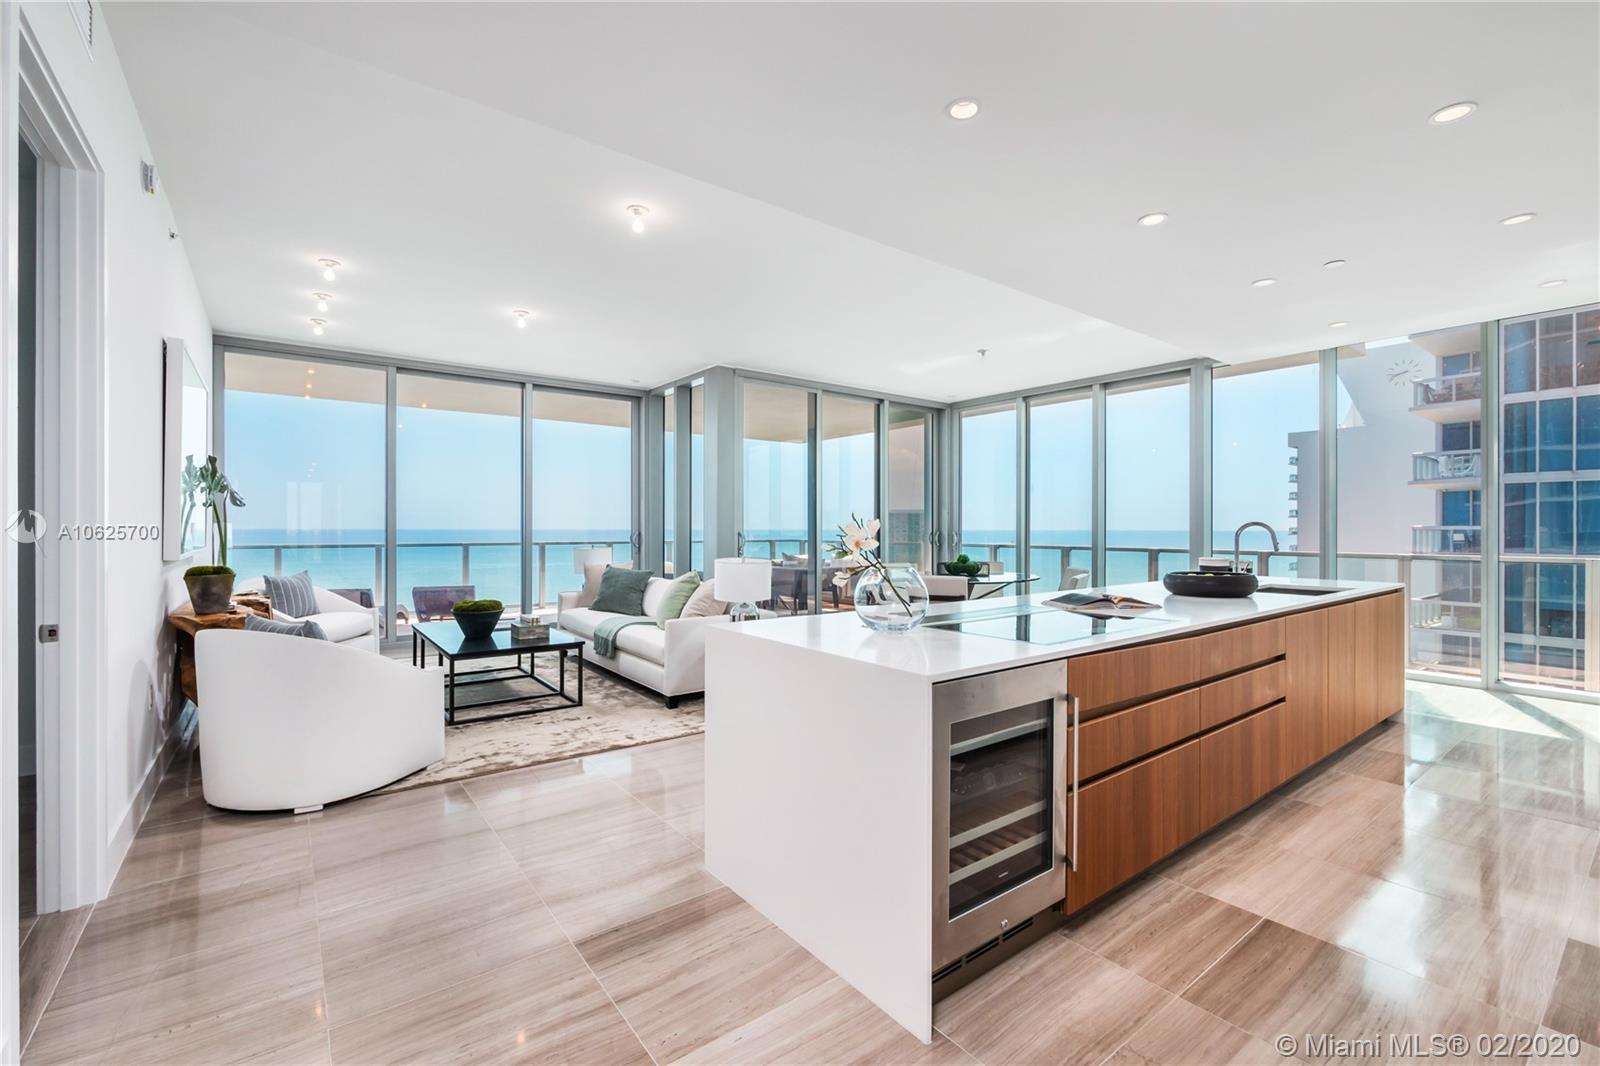 6901 Collins Ave #1002, Miami Beach, FL 33141 - Miami Beach, FL real estate listing